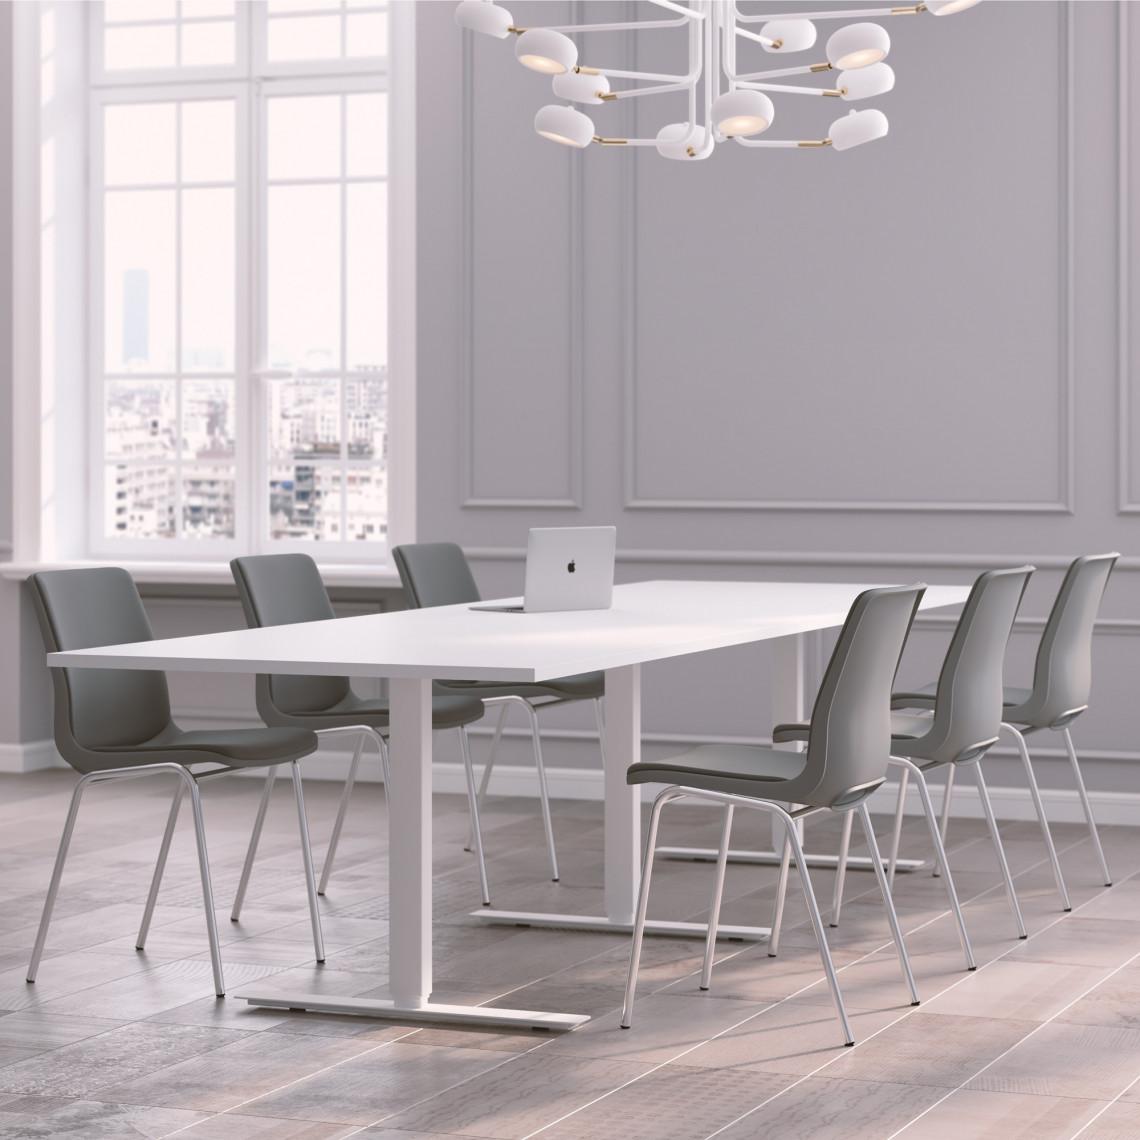 Konferensmöbler 6-10 pers Modul + Ana Stol 4340SR